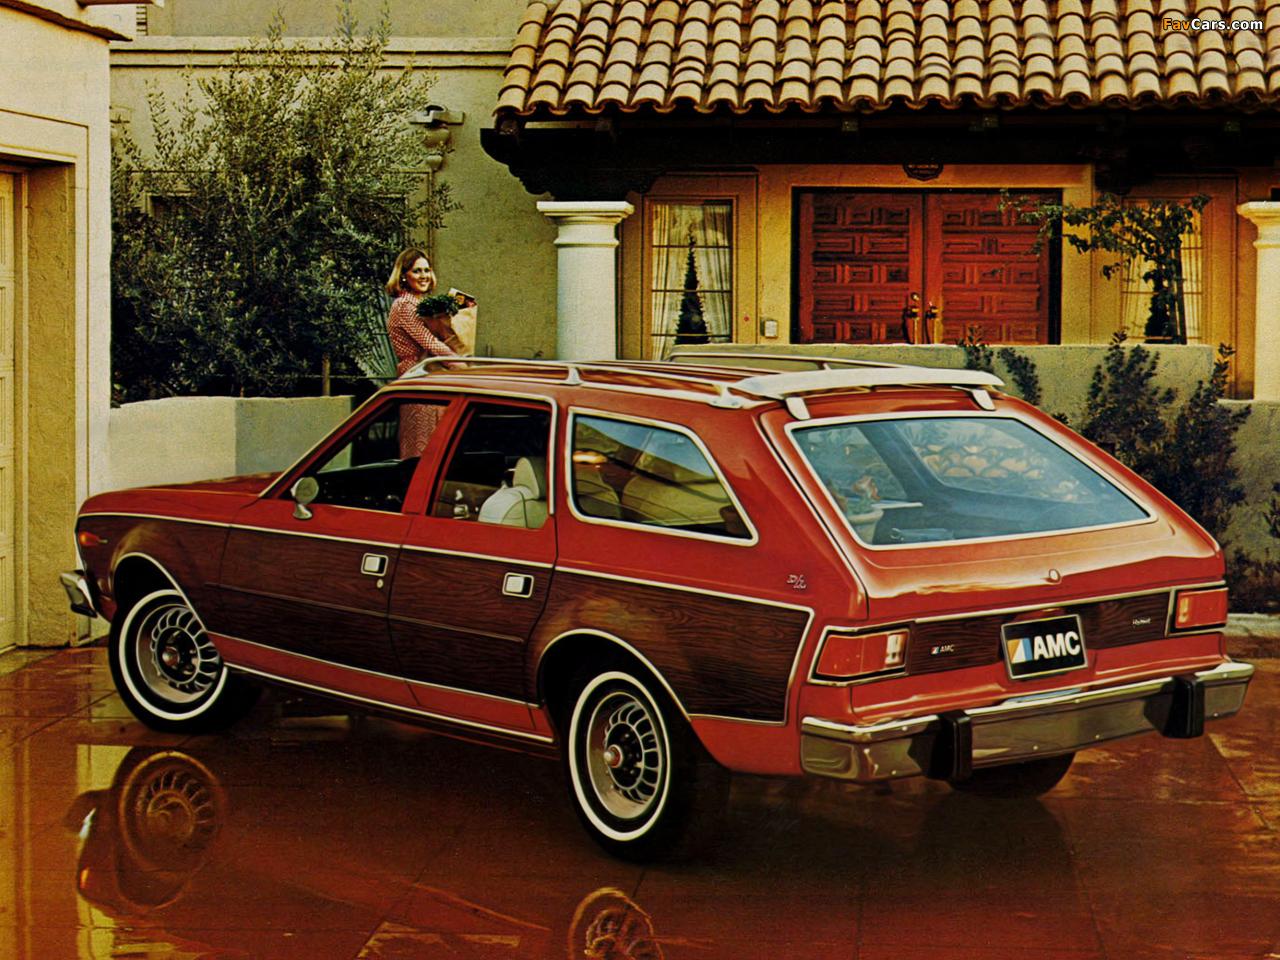 AMC Hornet Sportabout